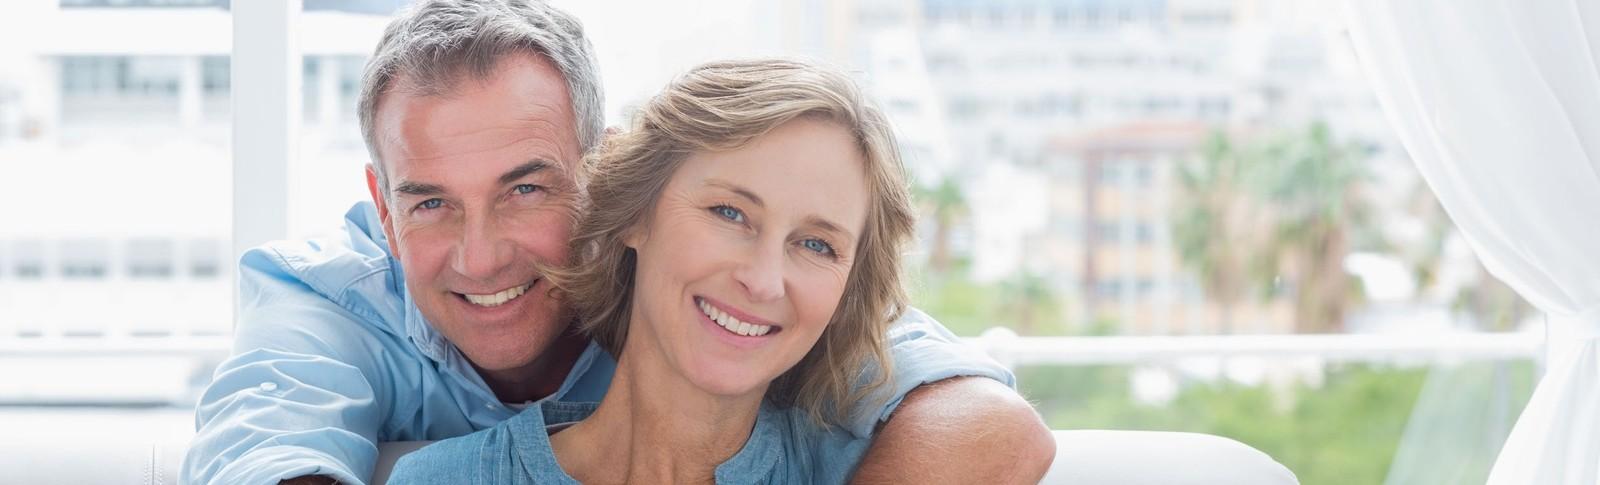 Pärchen ist zufrieden mit dem Ergebnis der Augenlidkorrektur in den Moser Kliniken